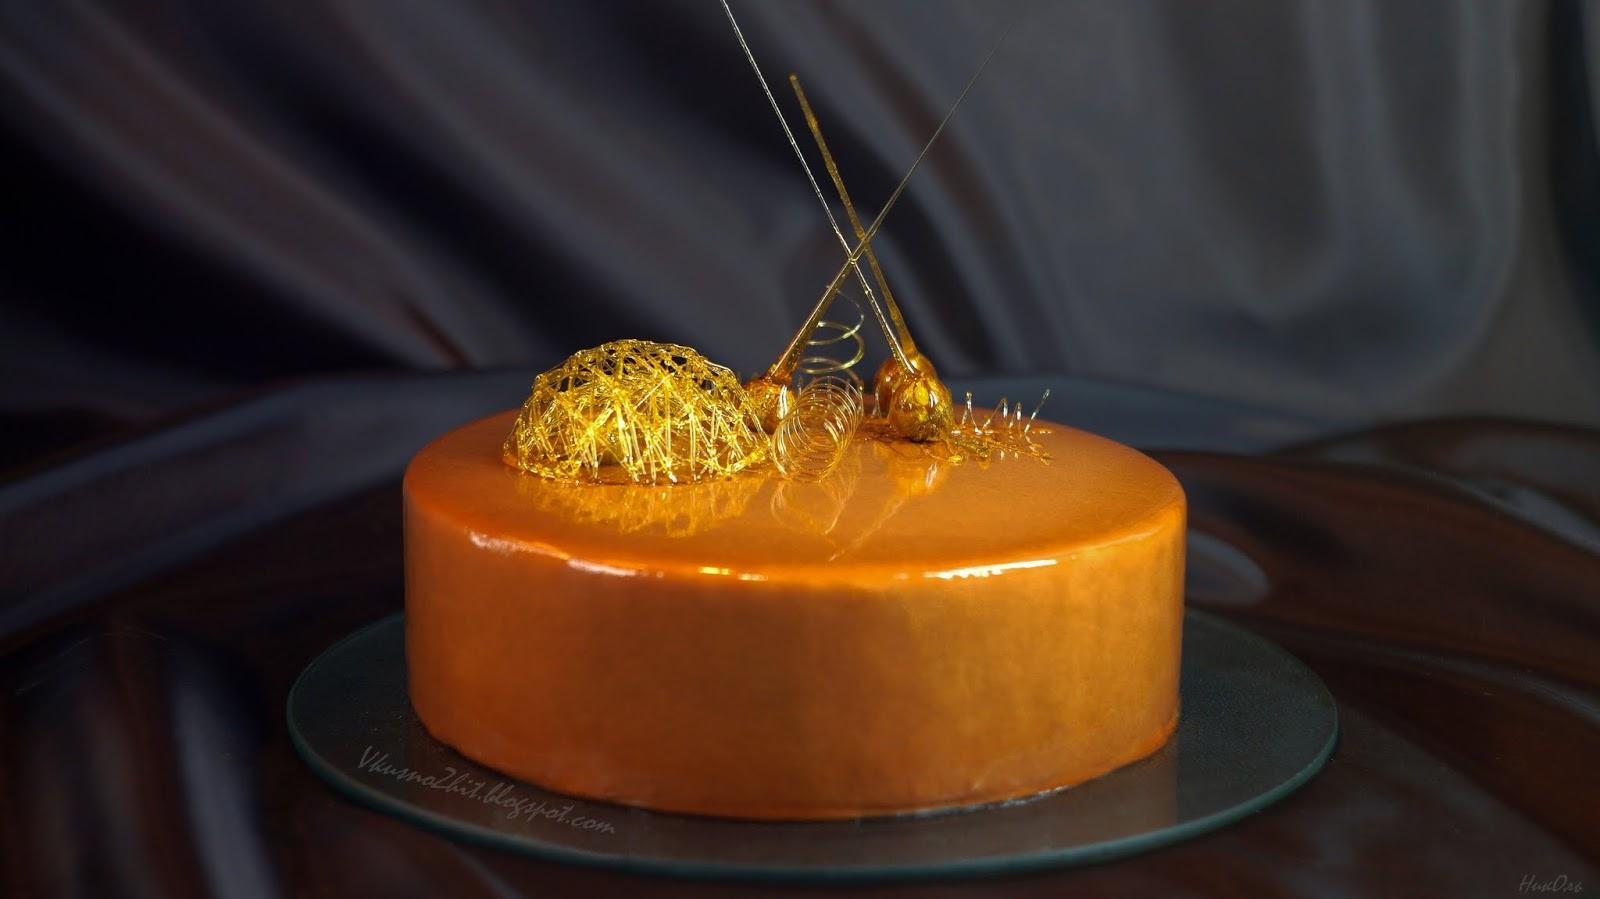 красивый букет карамельный декор для торта рецепт с фото амазонках